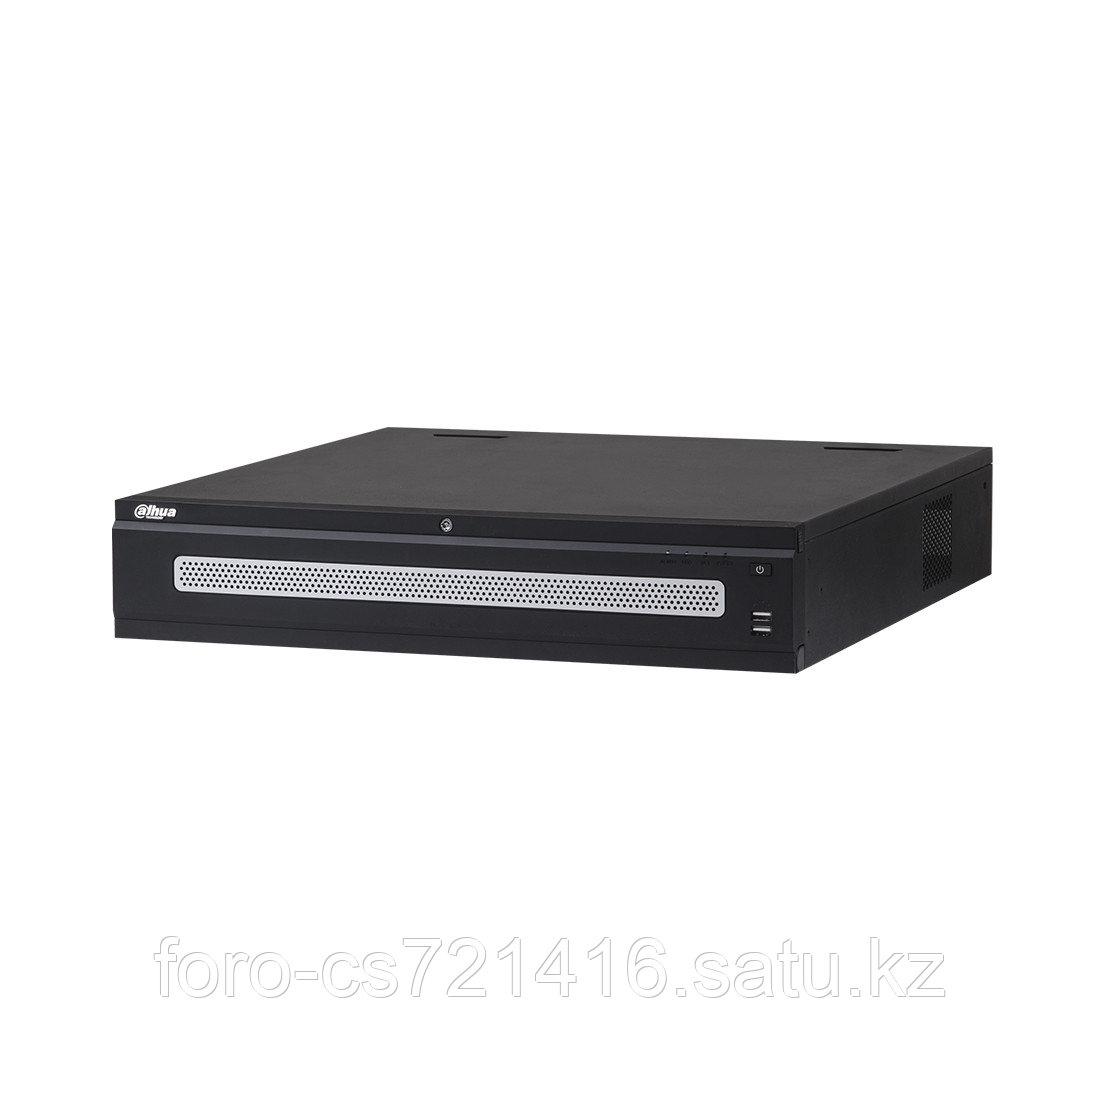 Сетевой видеорегистратор Dahua DHI-NVR608-64-4KS2